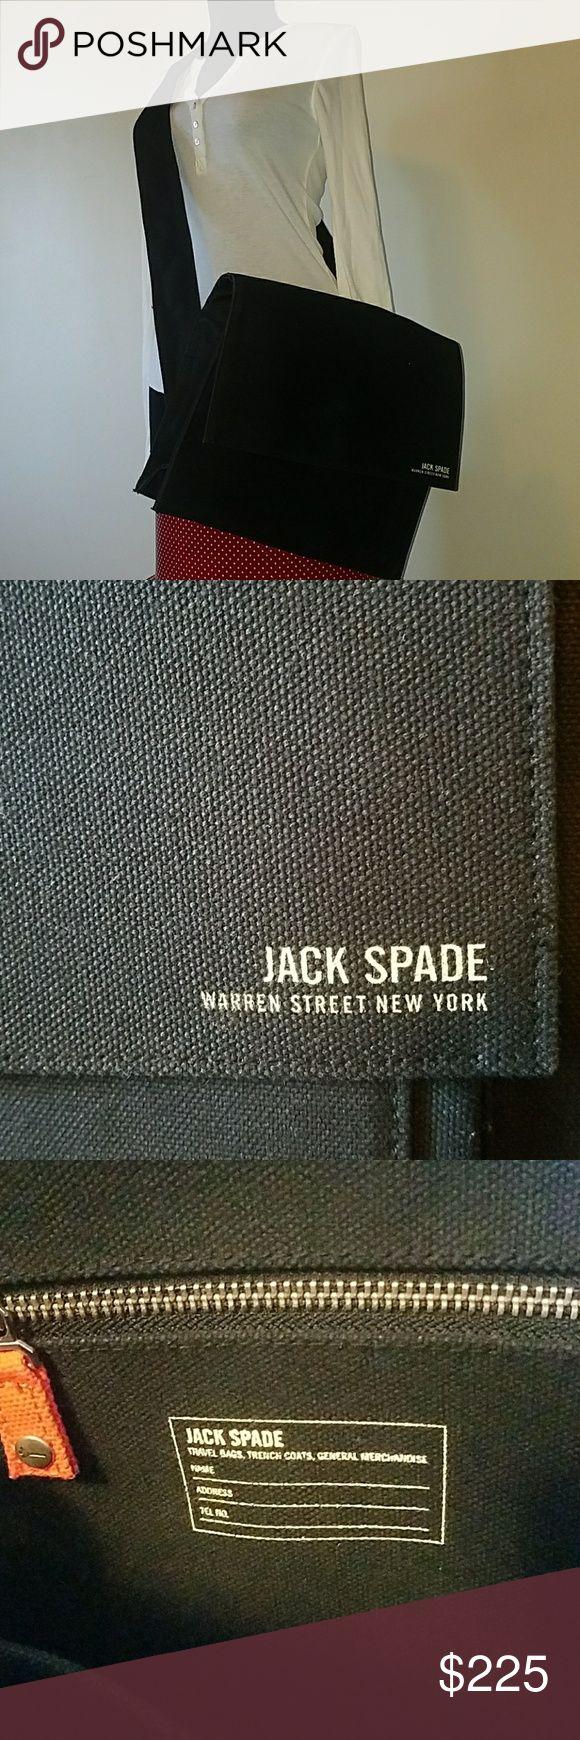 New Jack Spade Messenger Bag New Jack Spade Messenger Bag Jack Spade Bags Messenger Bags